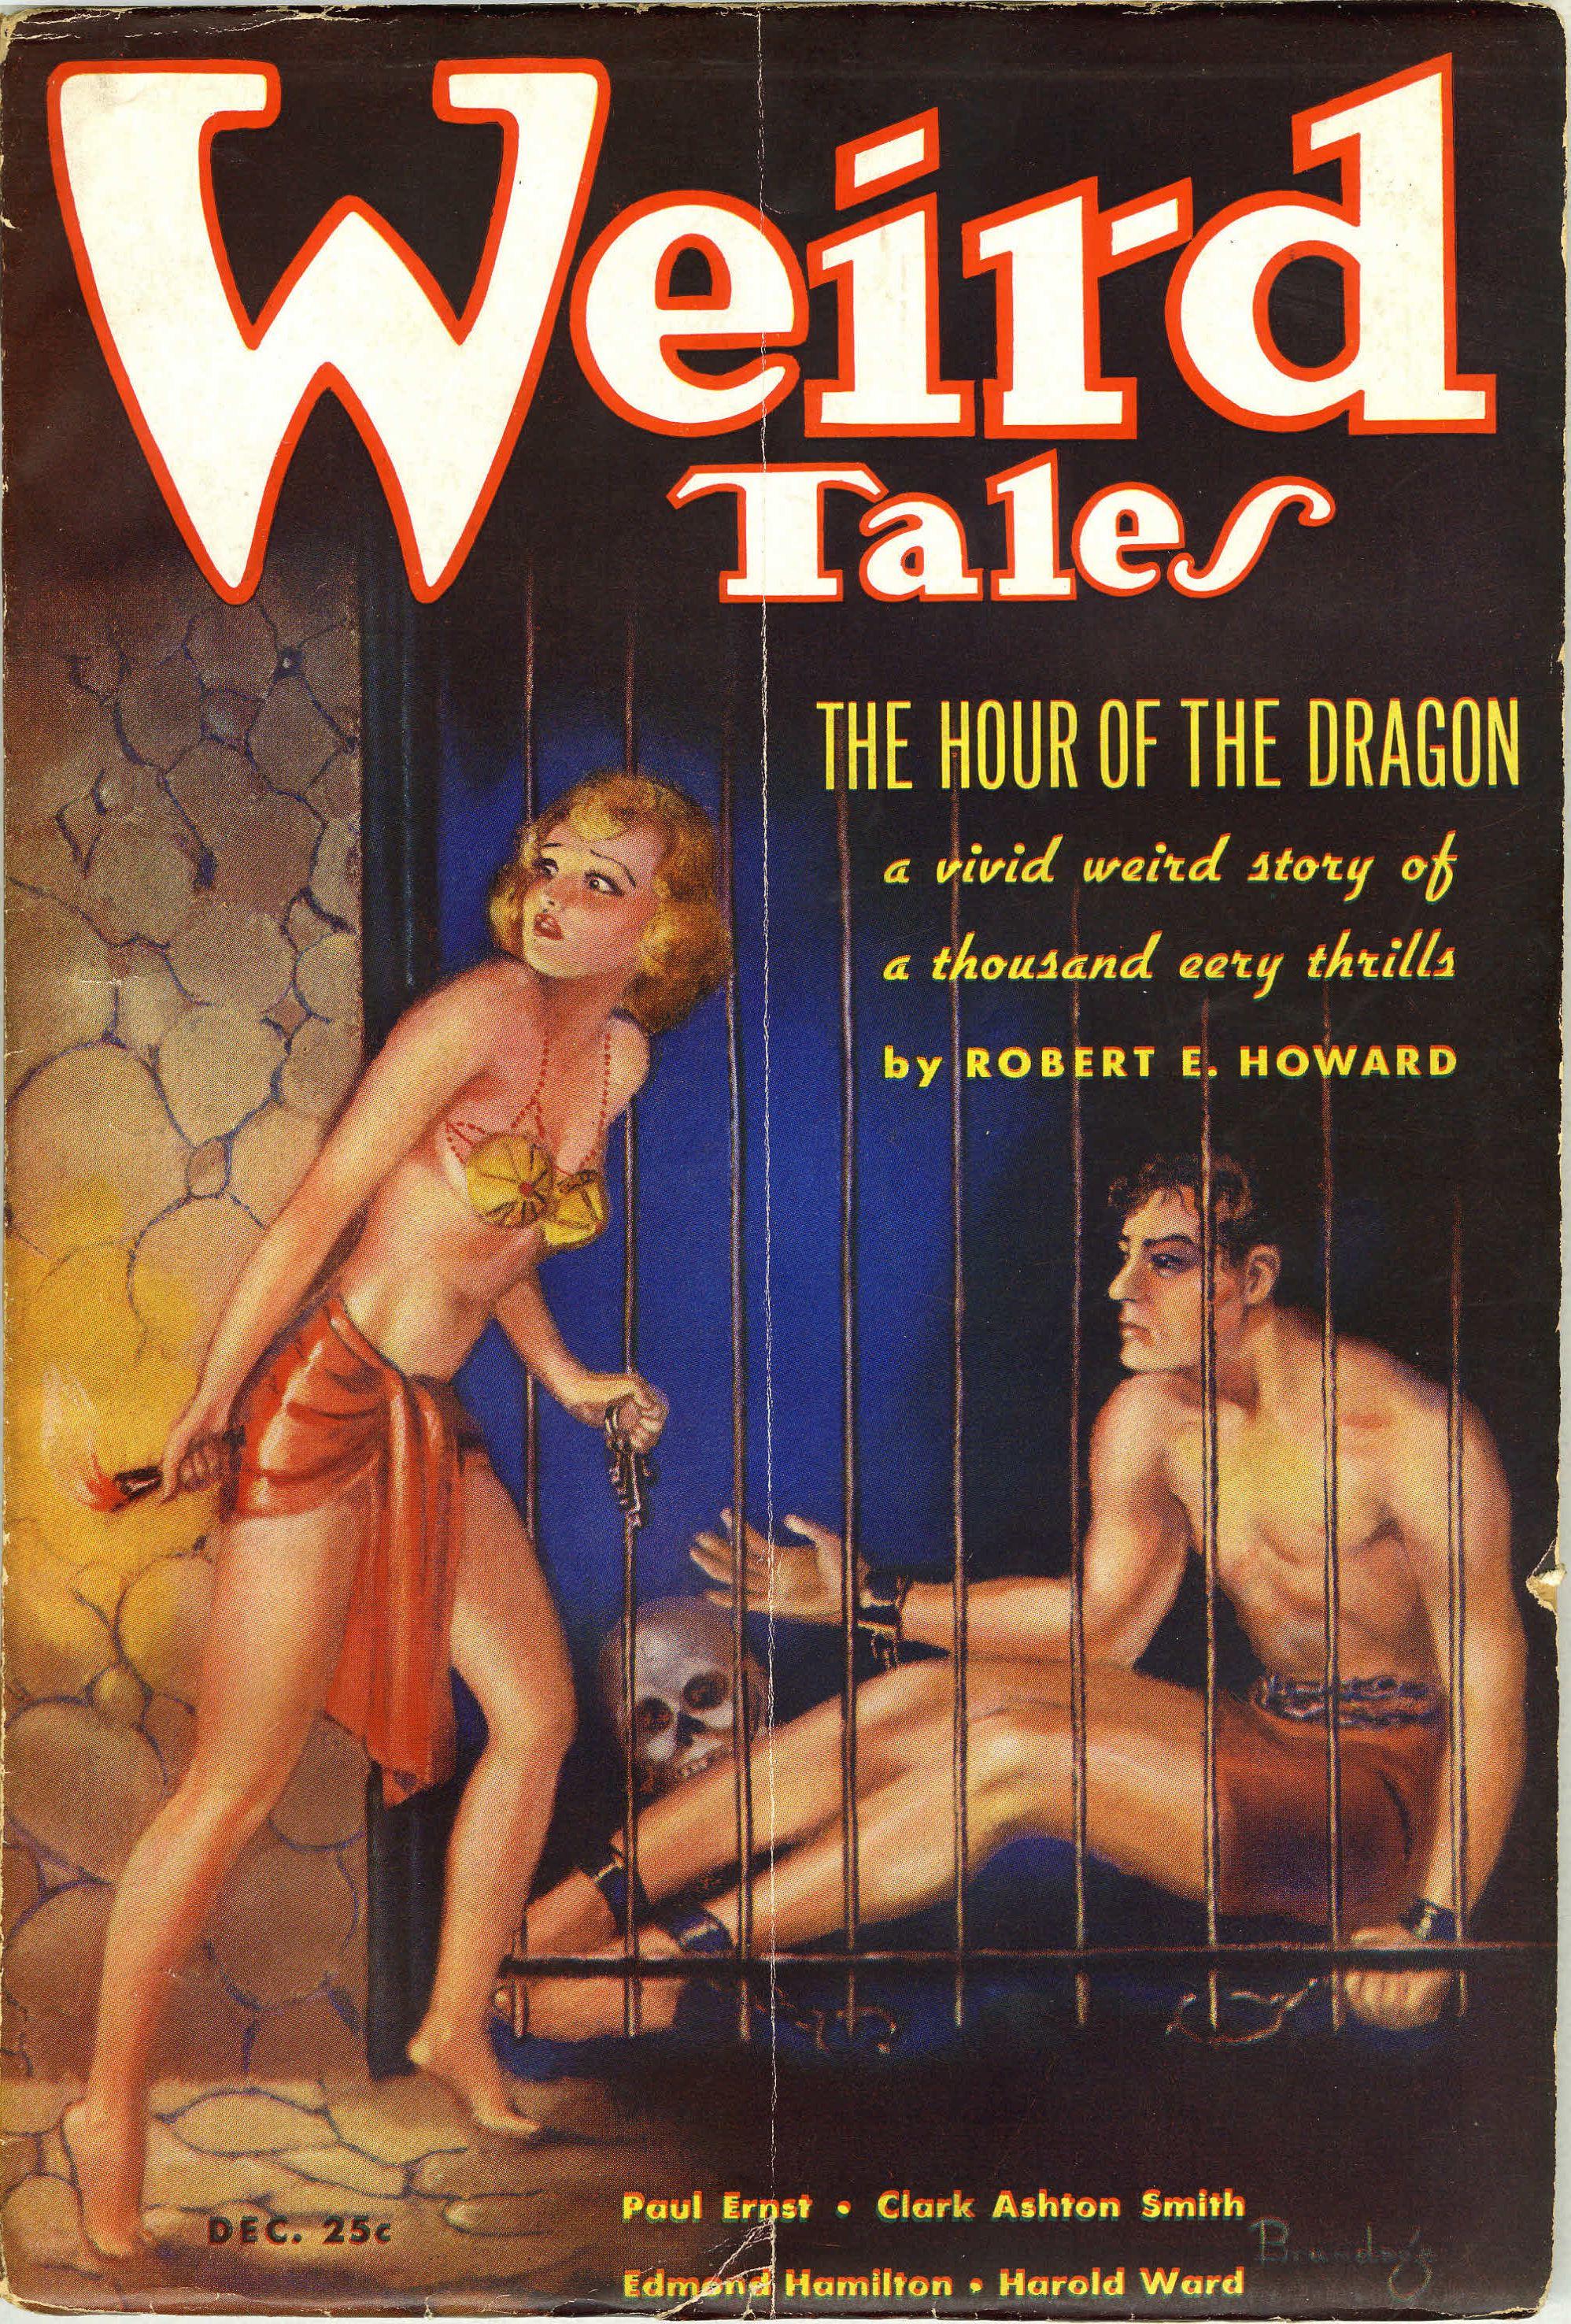 Weird Tales, December 1935